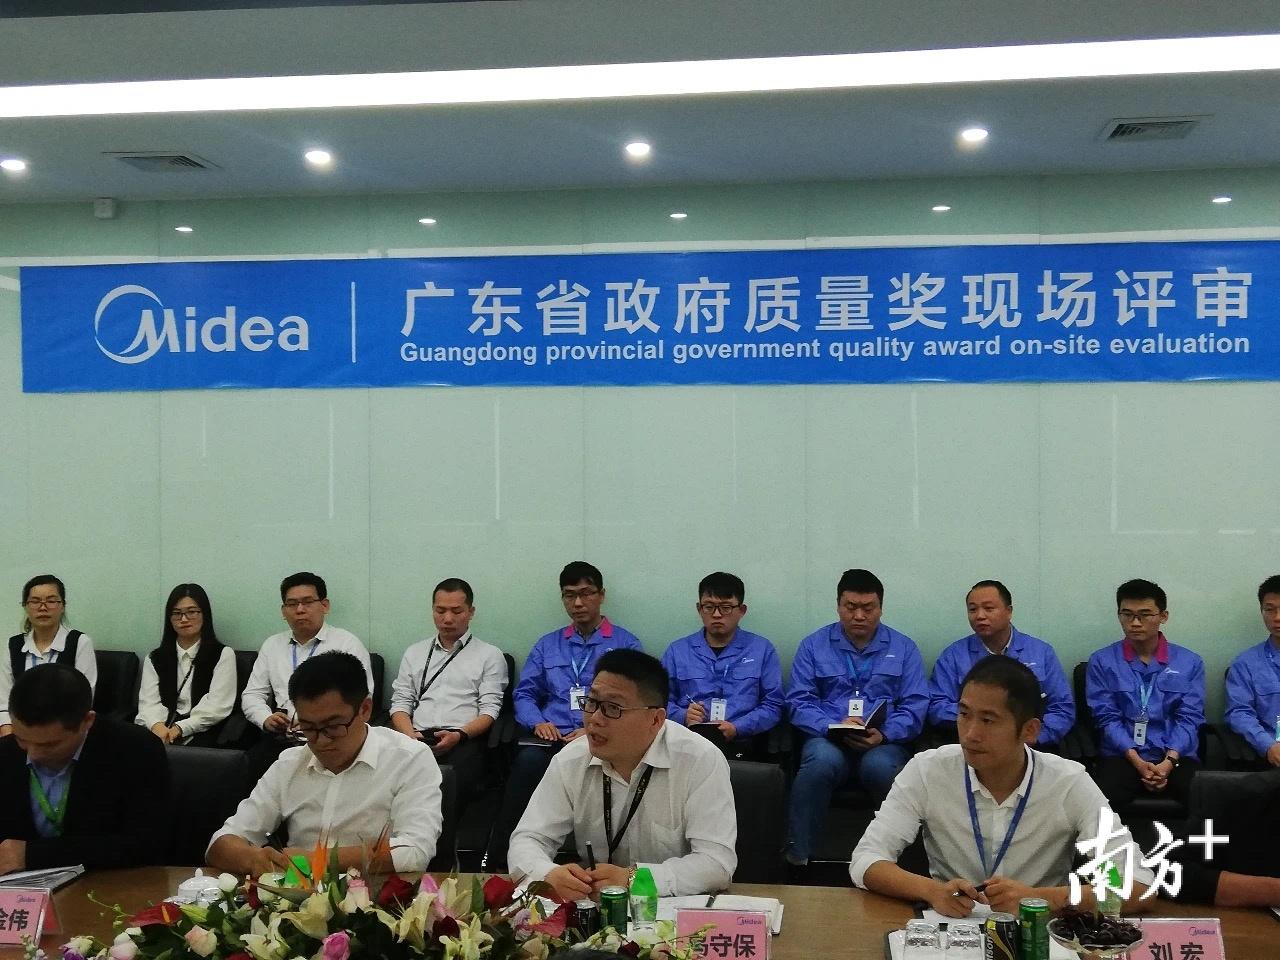 广东省政府质量奖评审现场。